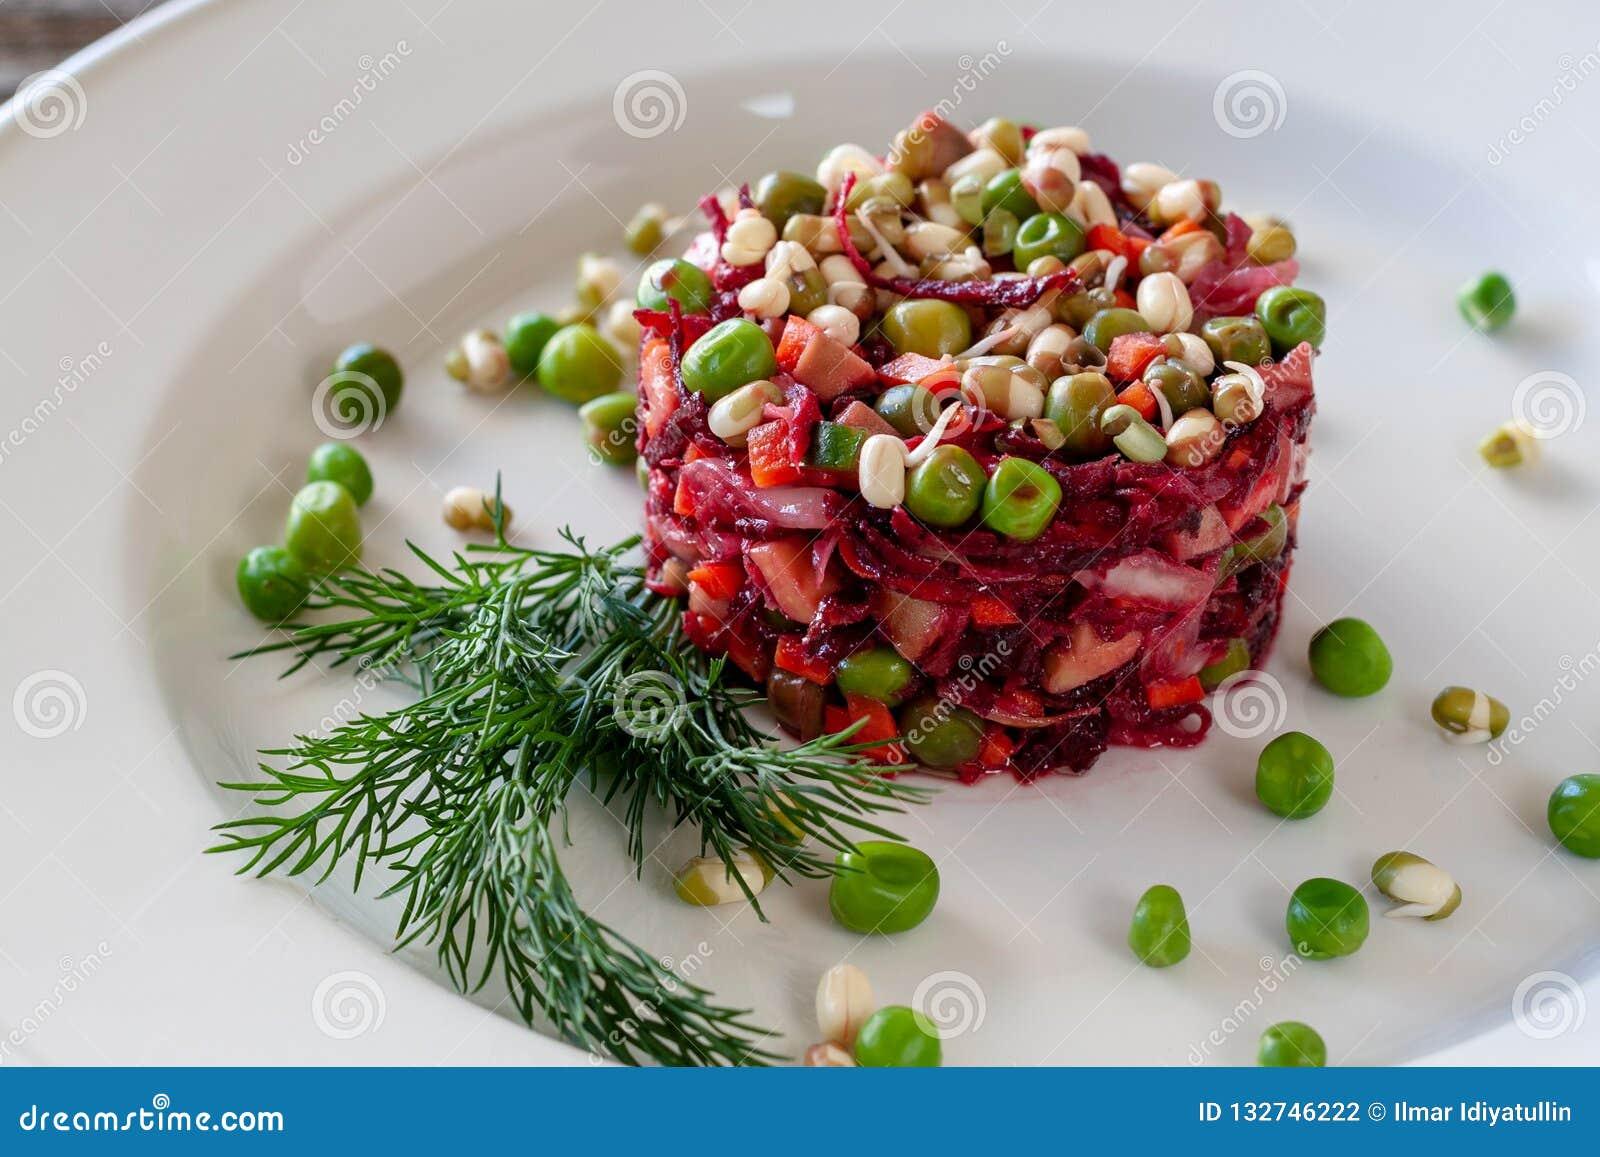 Plat végétarien : Salade de Vinaigrette des betteraves, carottes, choucroute